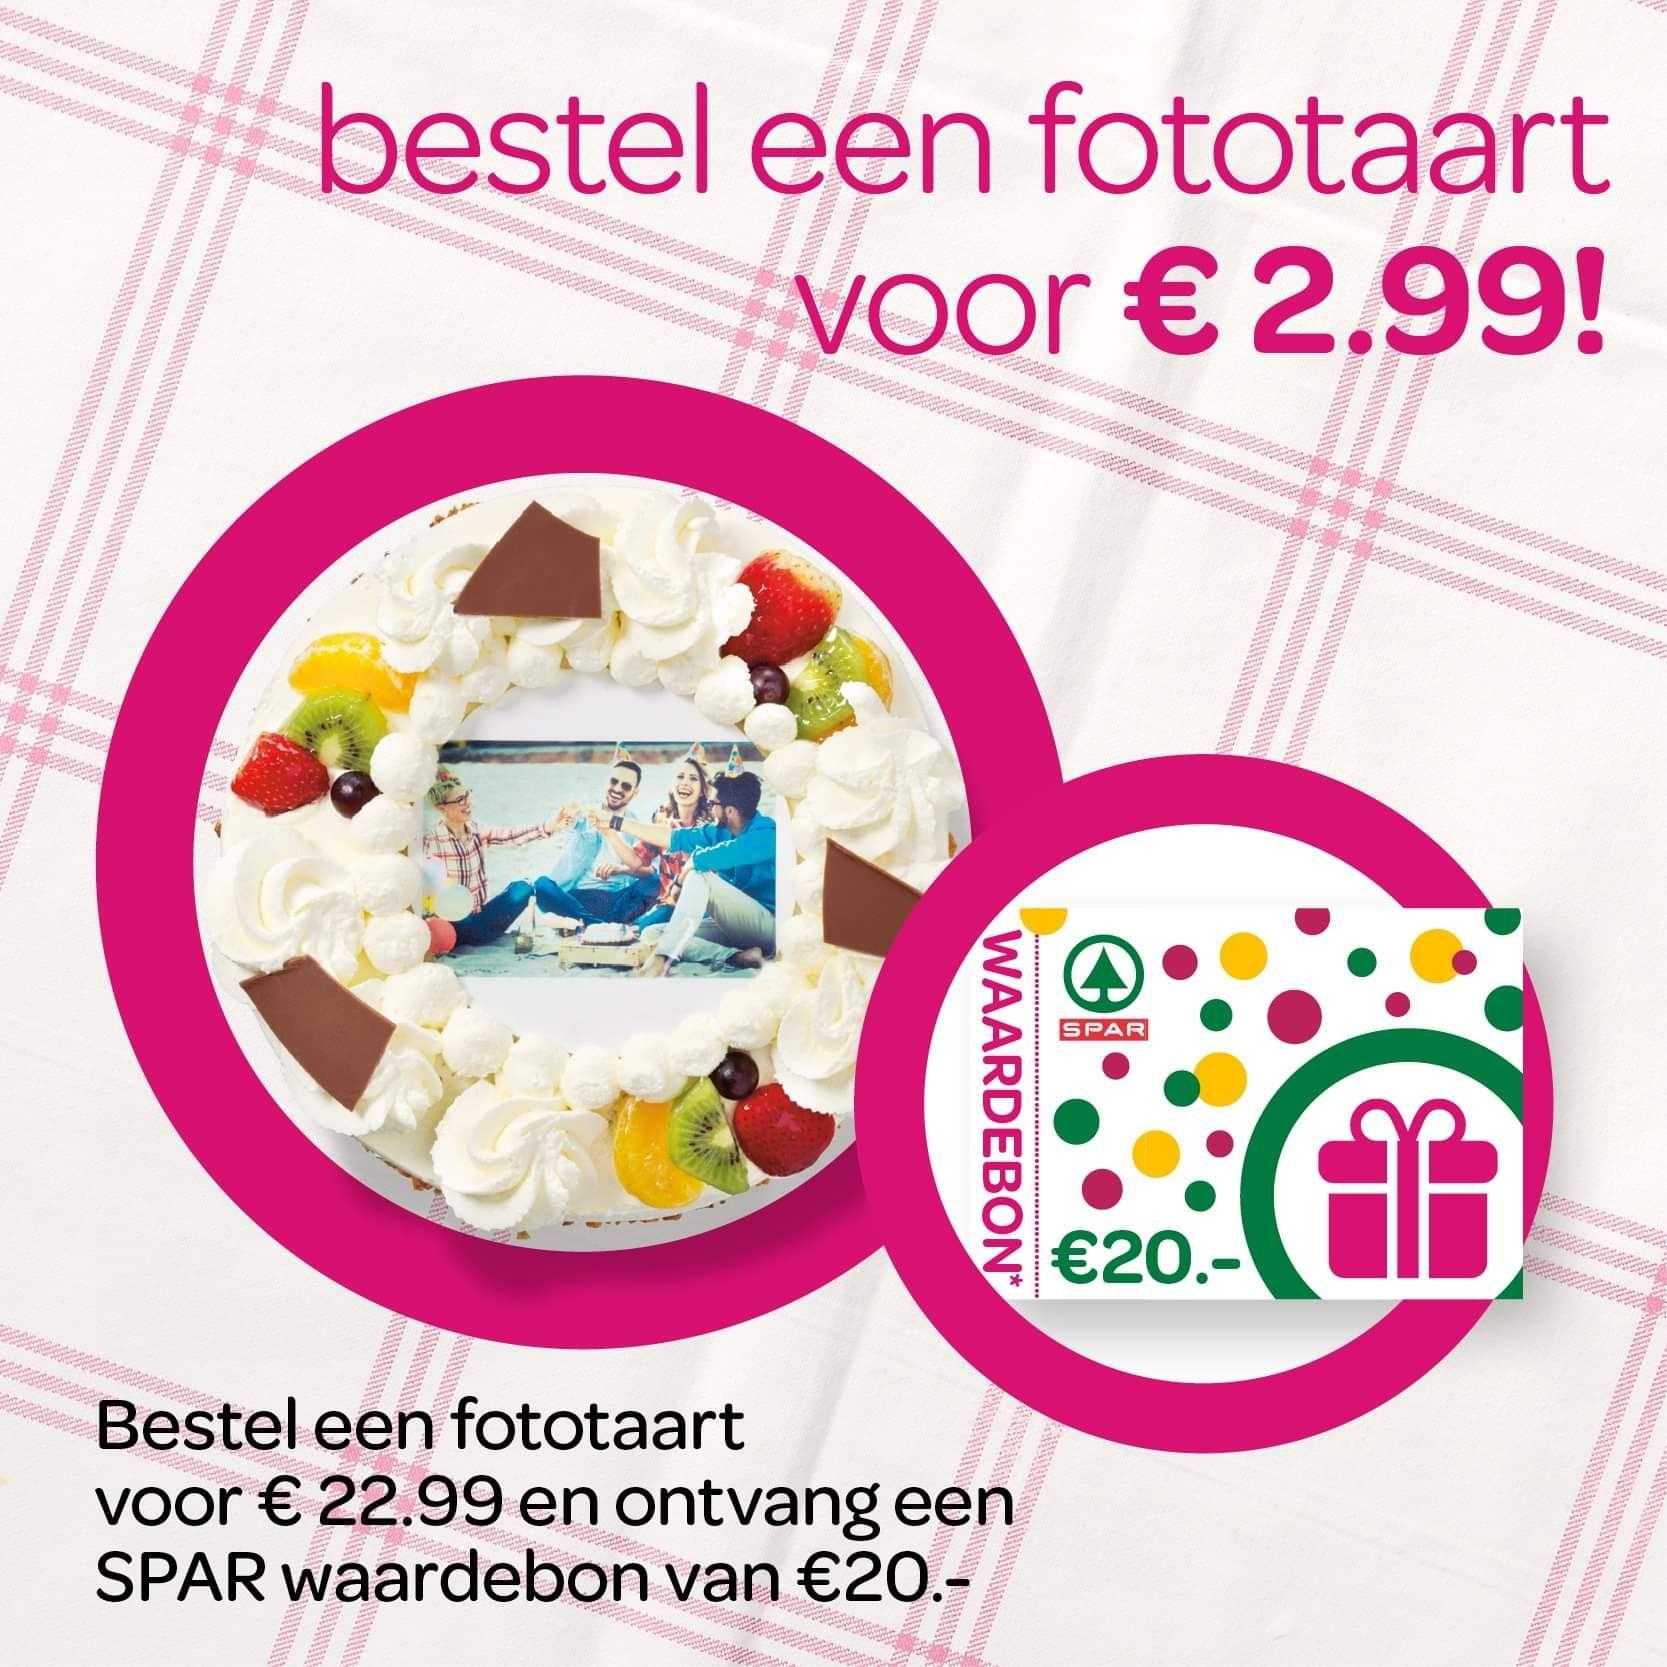 €20 euro shoptegoed bij fototaart (10-12 personen) á €22,99 [LOKAAL Rotterdam]